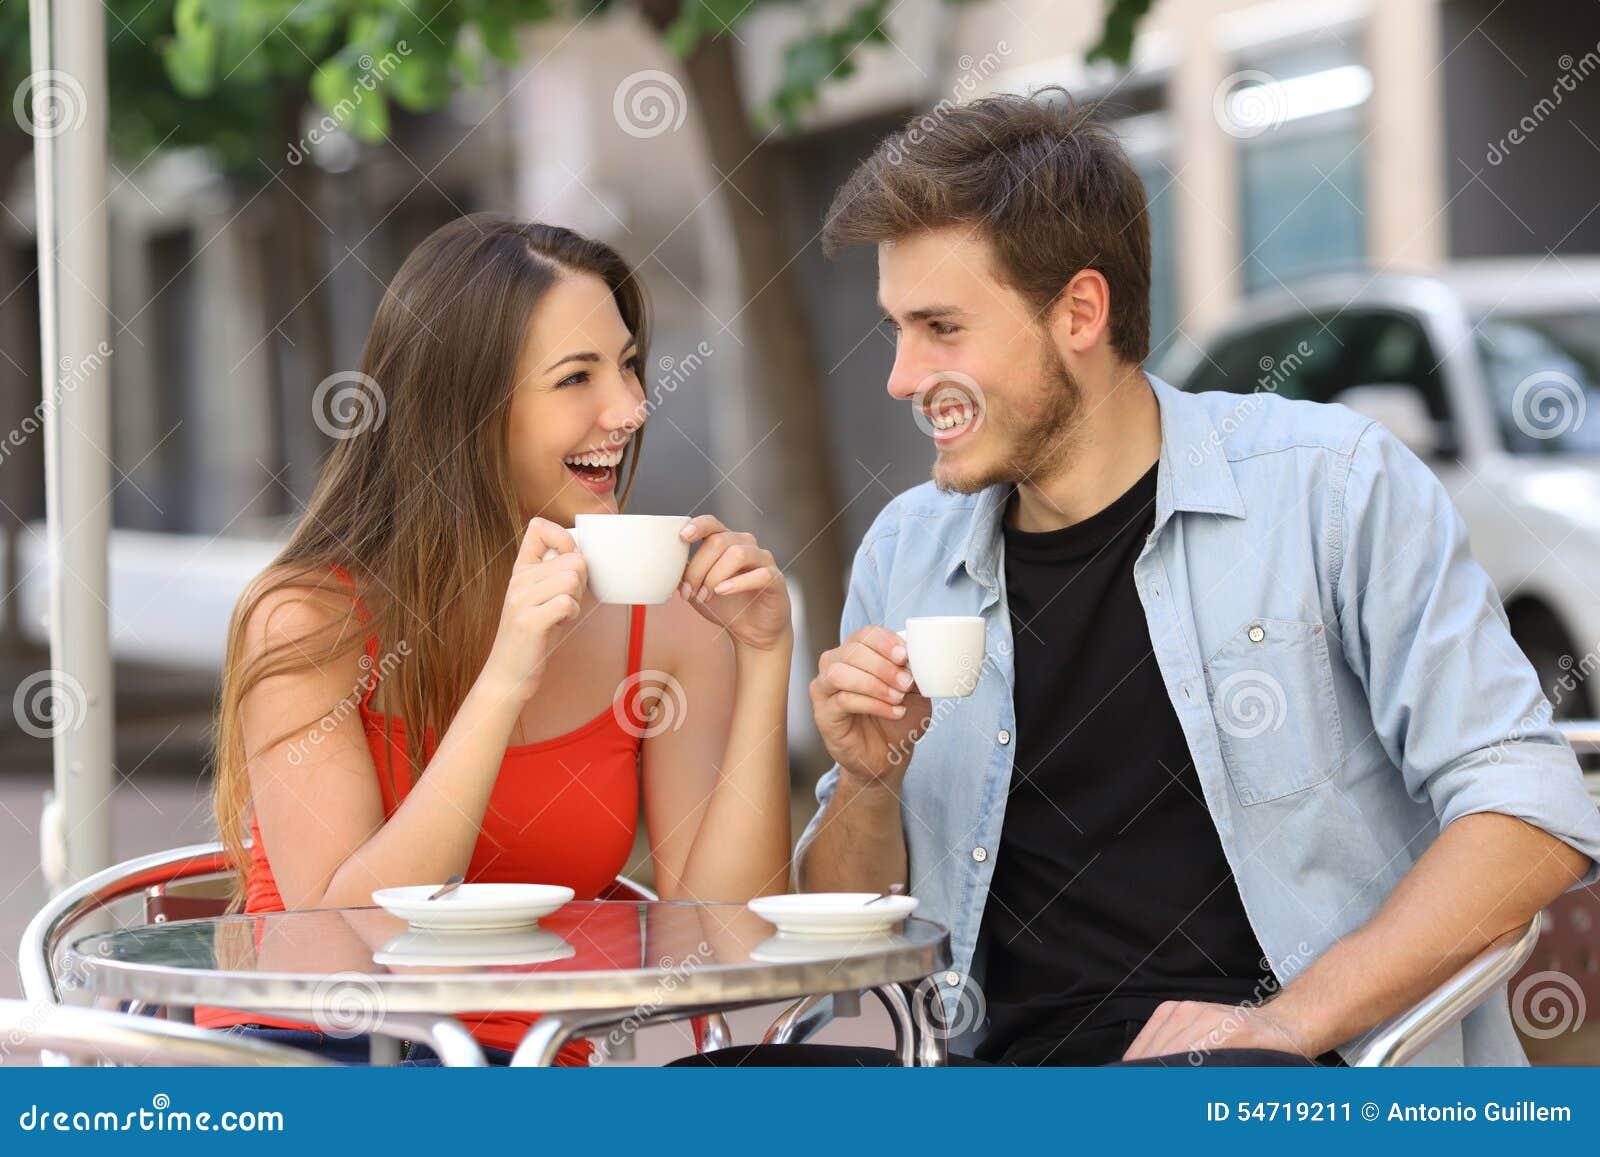 Couple friendship site